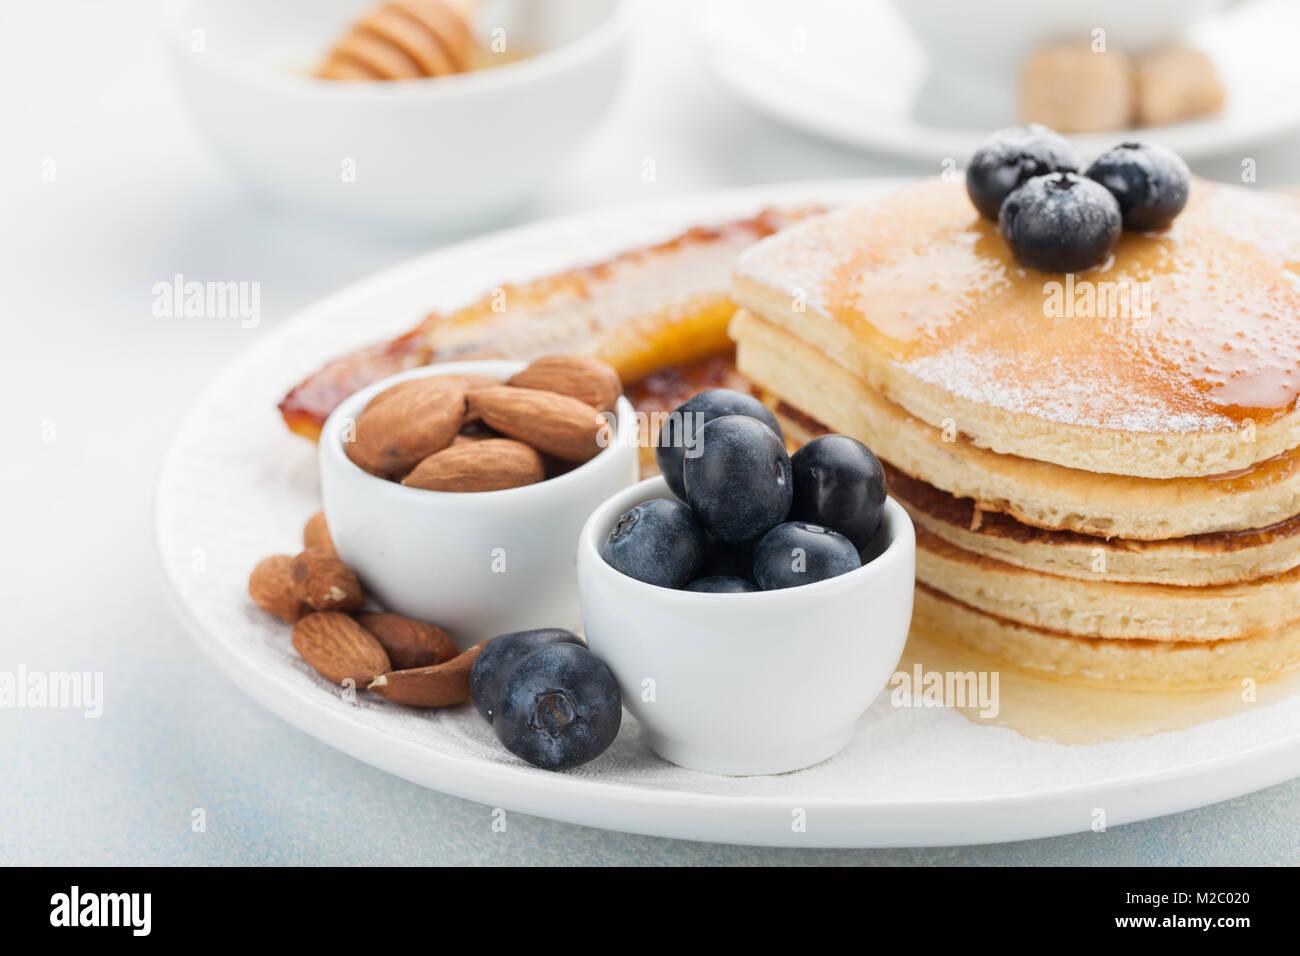 Una pila de deliciosas tortitas con miel, café y arándanos sobre un fondo azul claro. Gran desayuno para el día Foto de stock